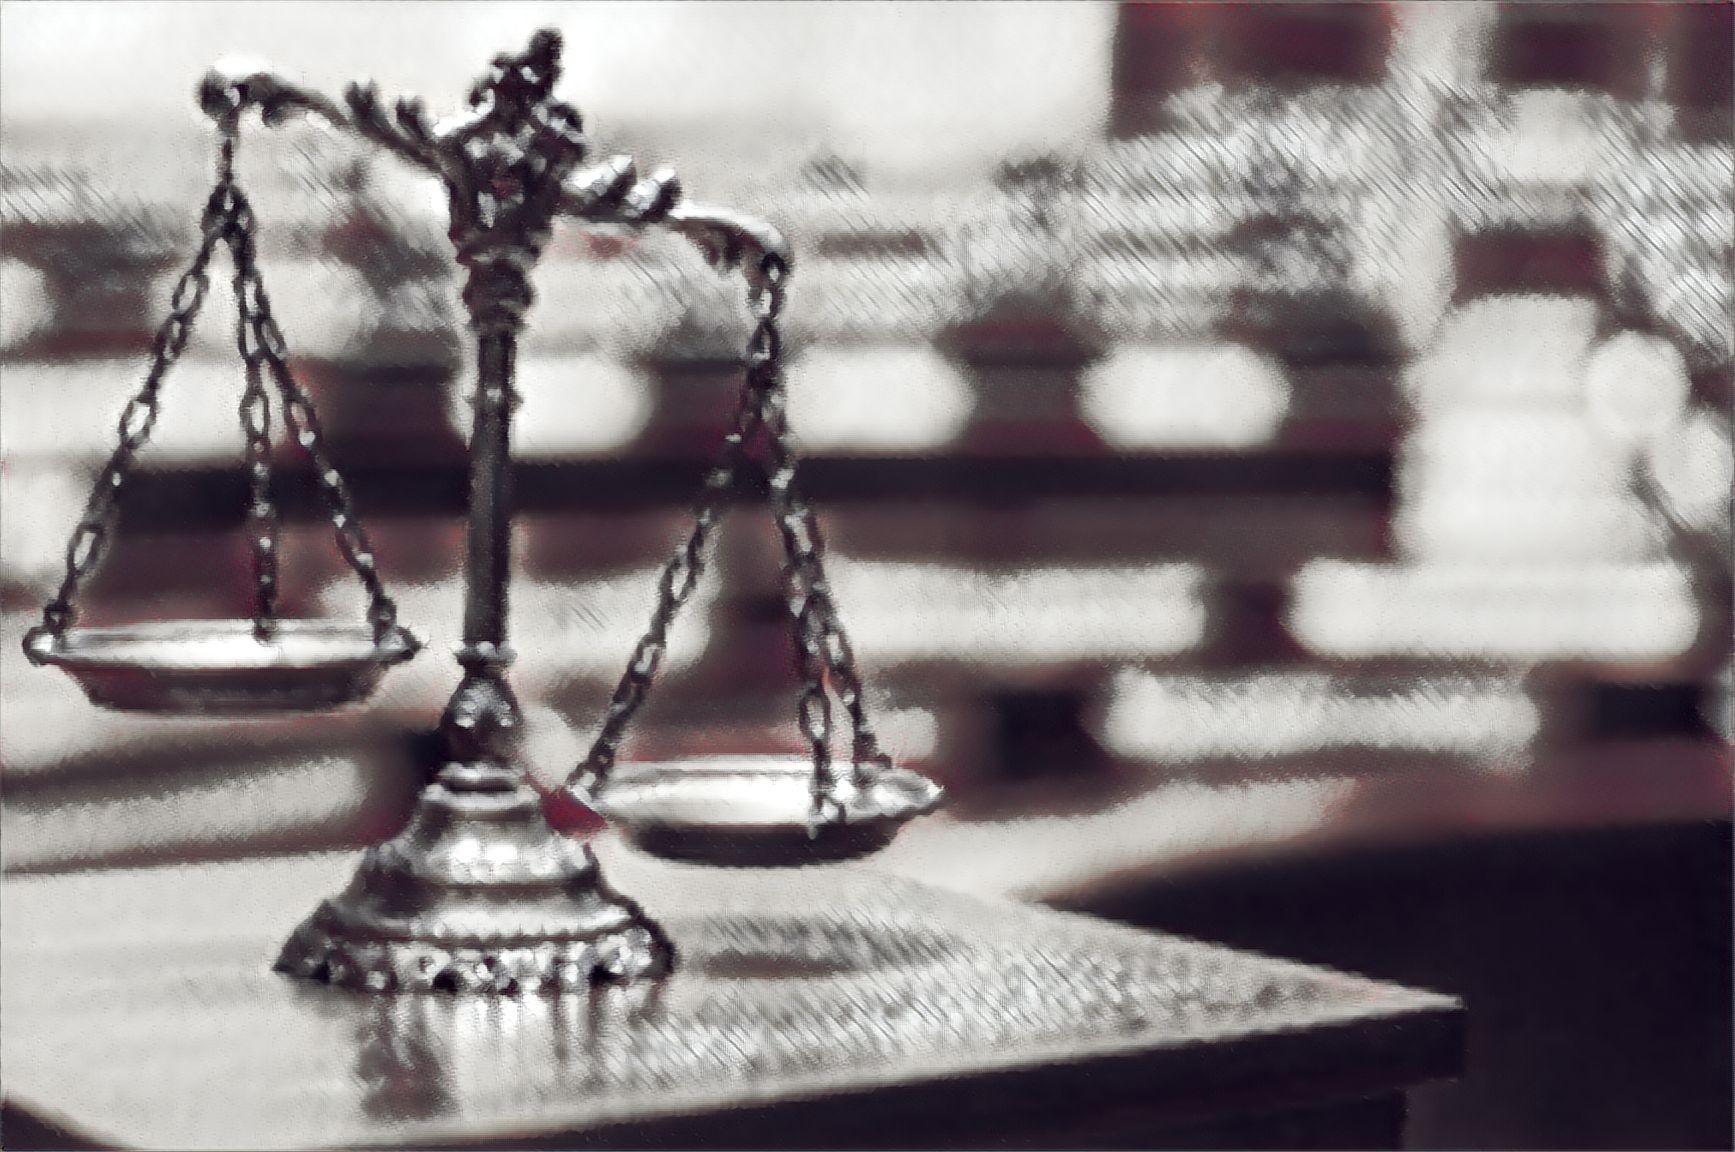 电子借条法院是否认可?